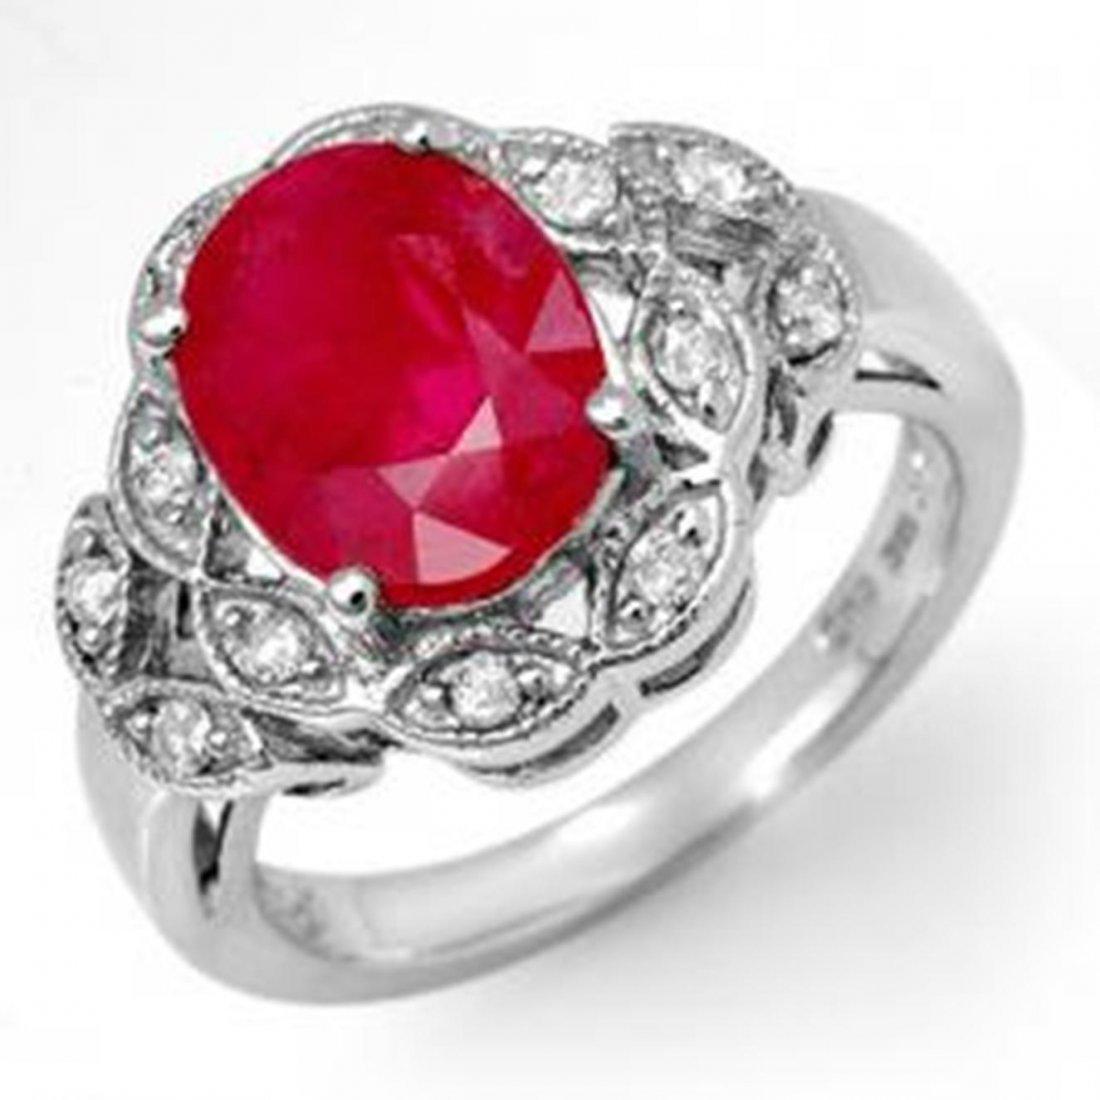 3.5 ctw Ruby & Diamond Ring